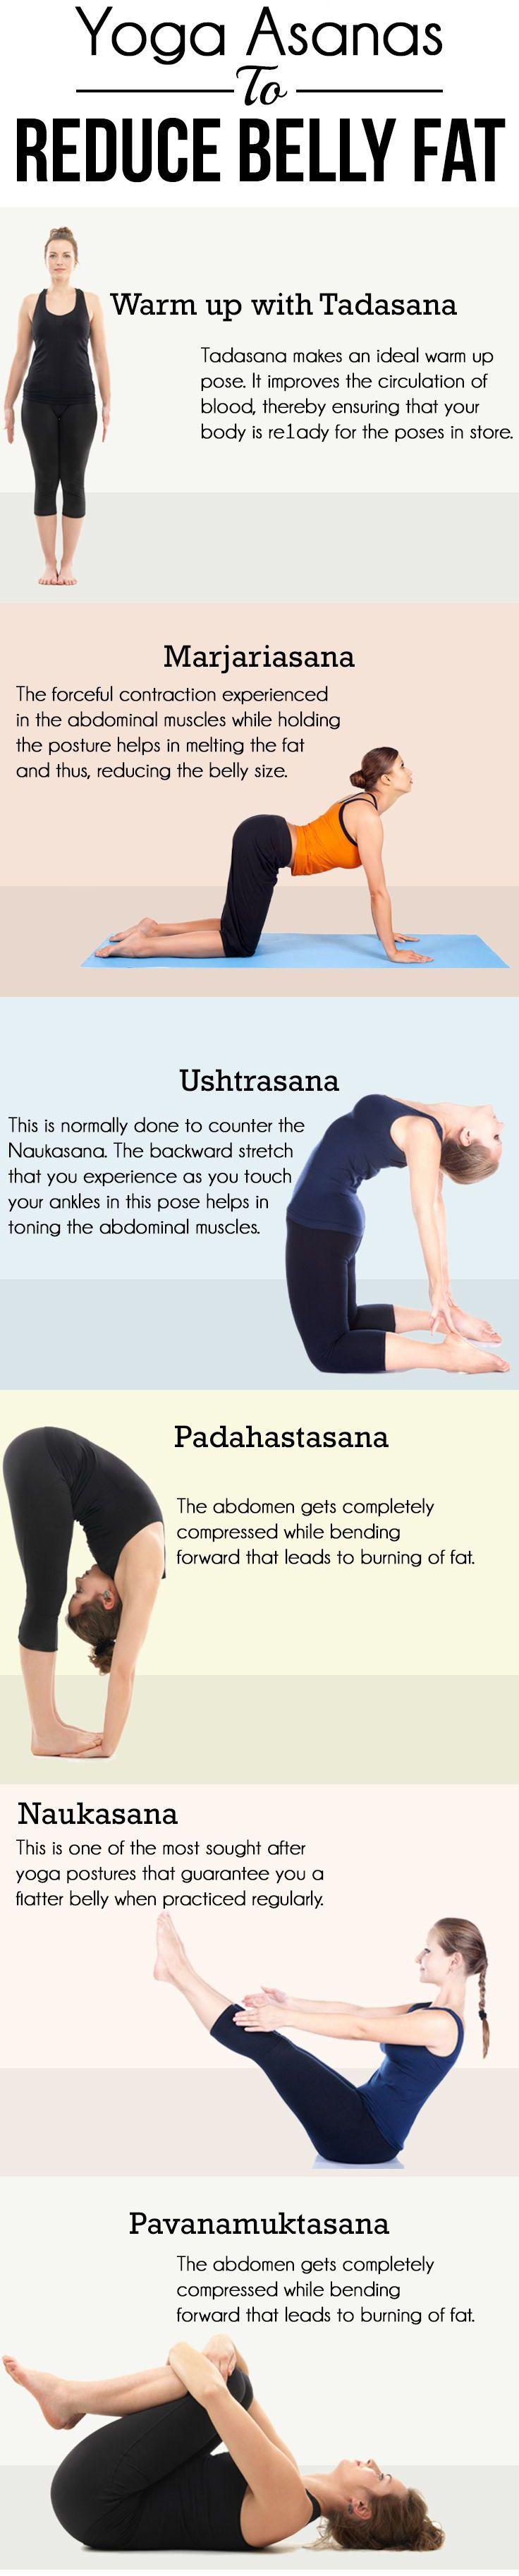 6 Yoga Asanas To Reduce Tummy Fat! #healthandfitness